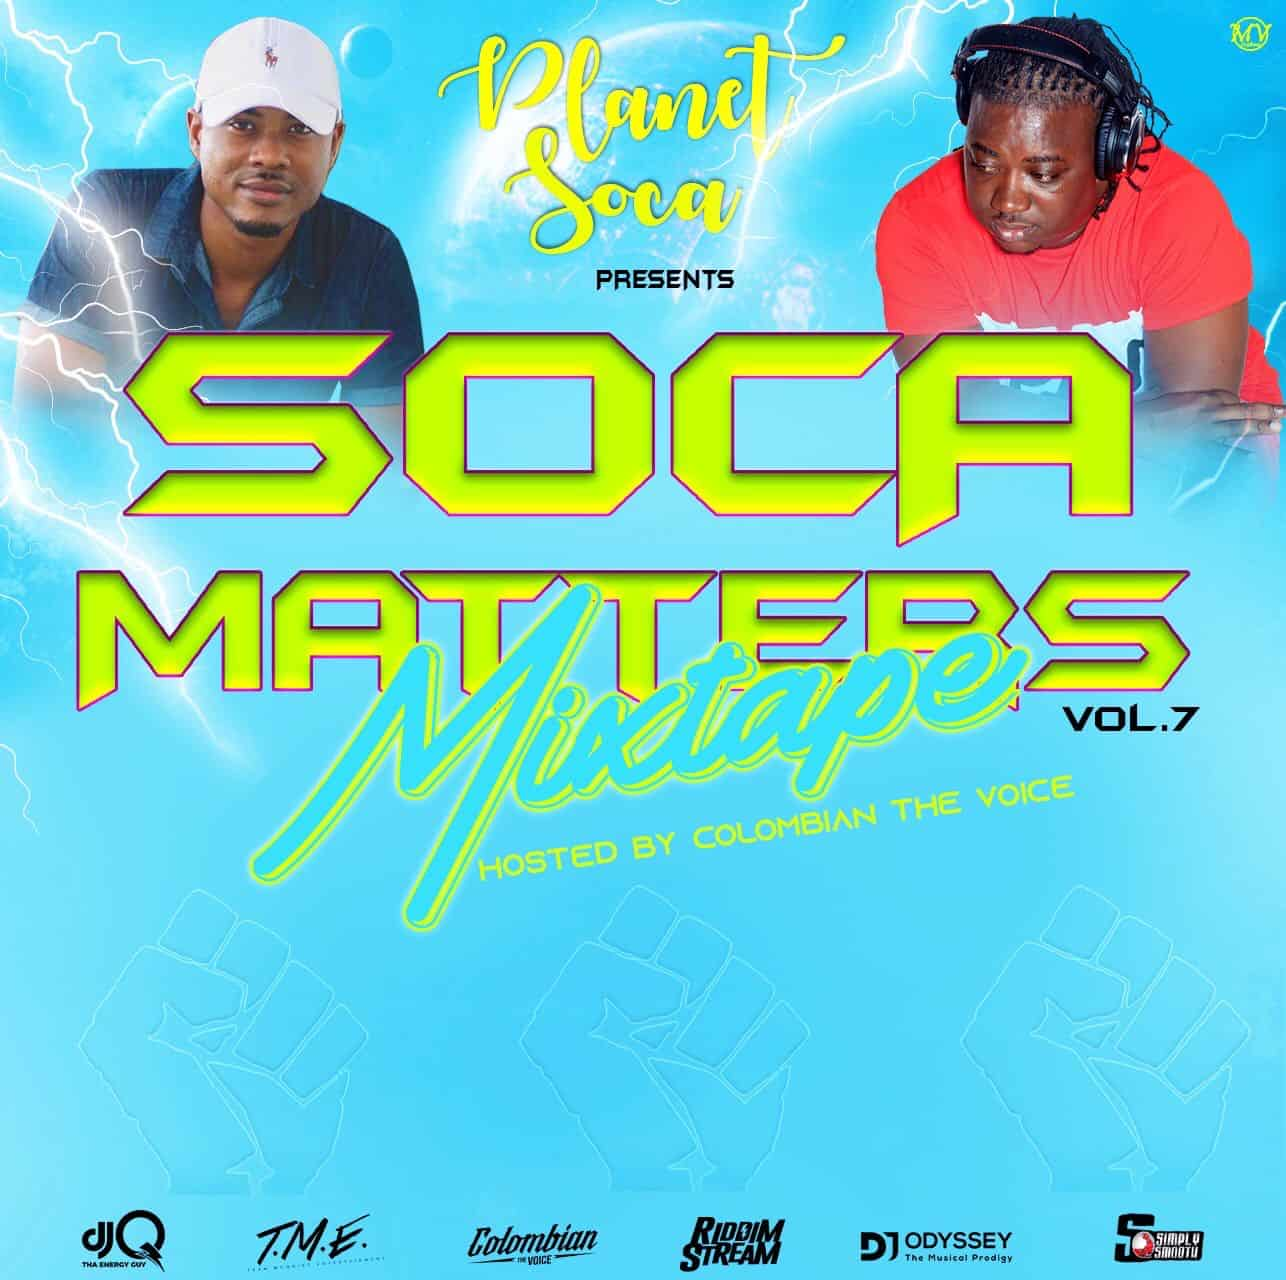 Soca Matters Vol. 7 featuring DJ Odyssey and DJ Q